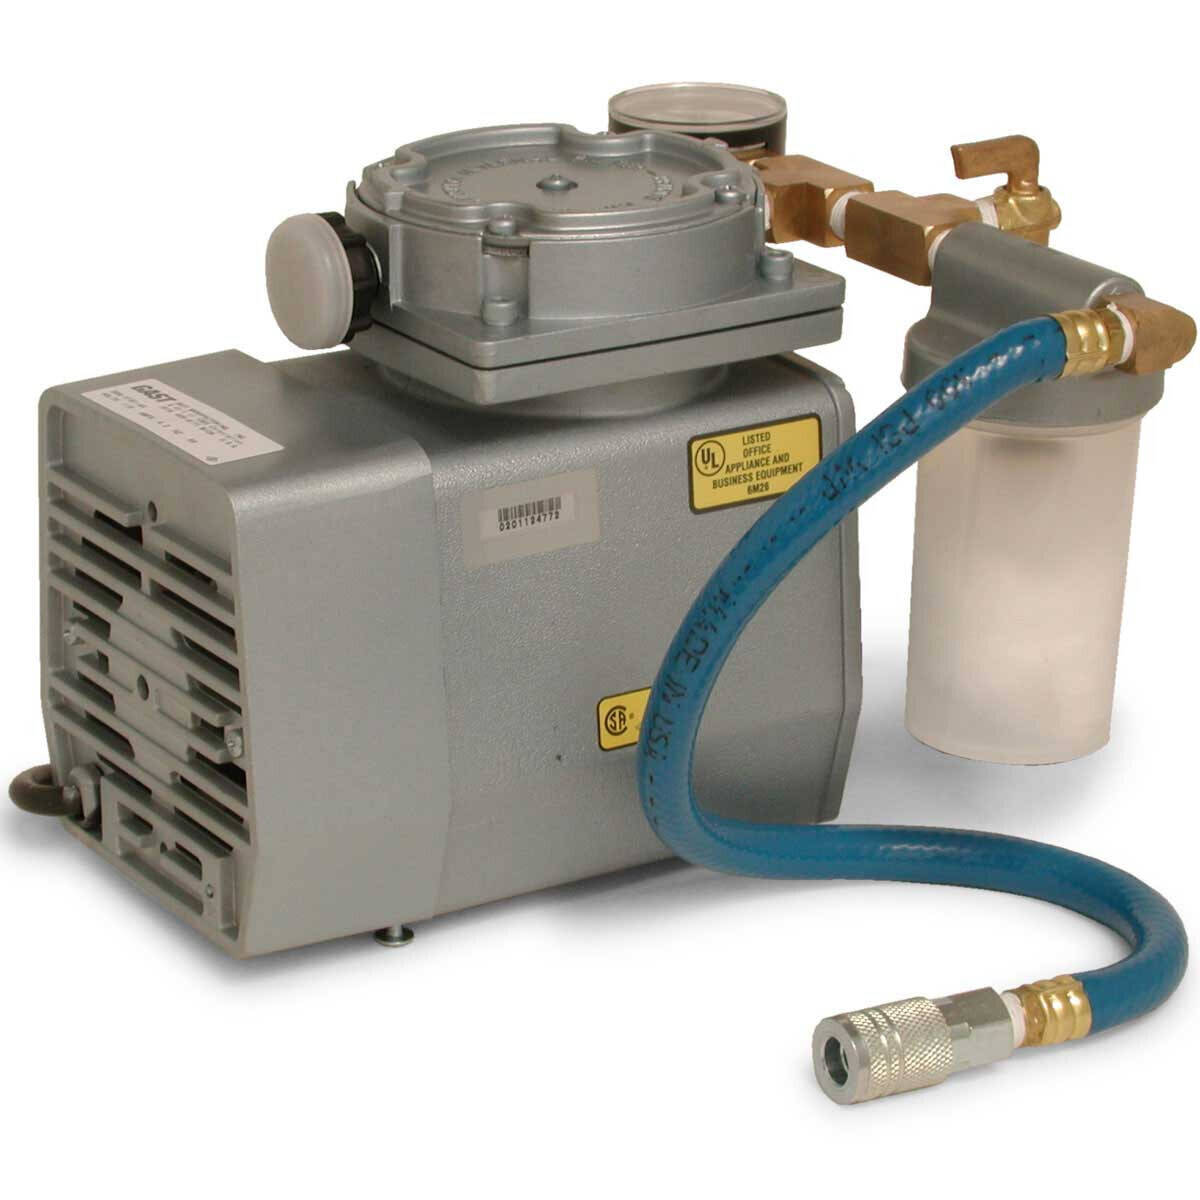 MK Diamond Gast Vacuum Pumps